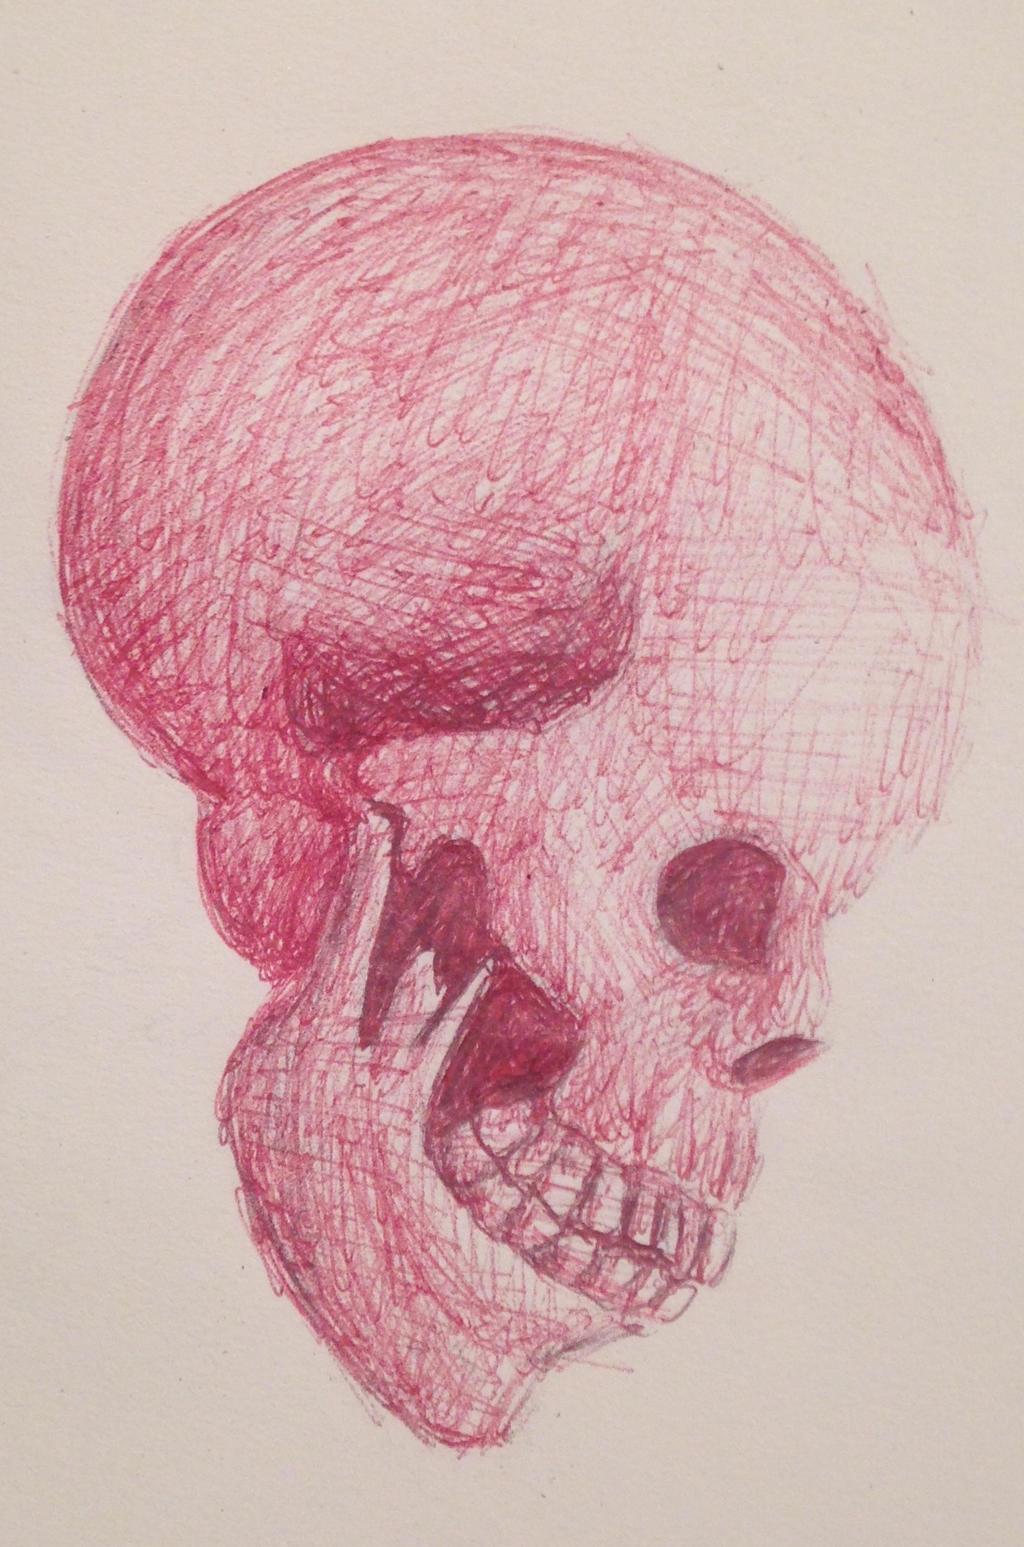 Skull by swiftcross